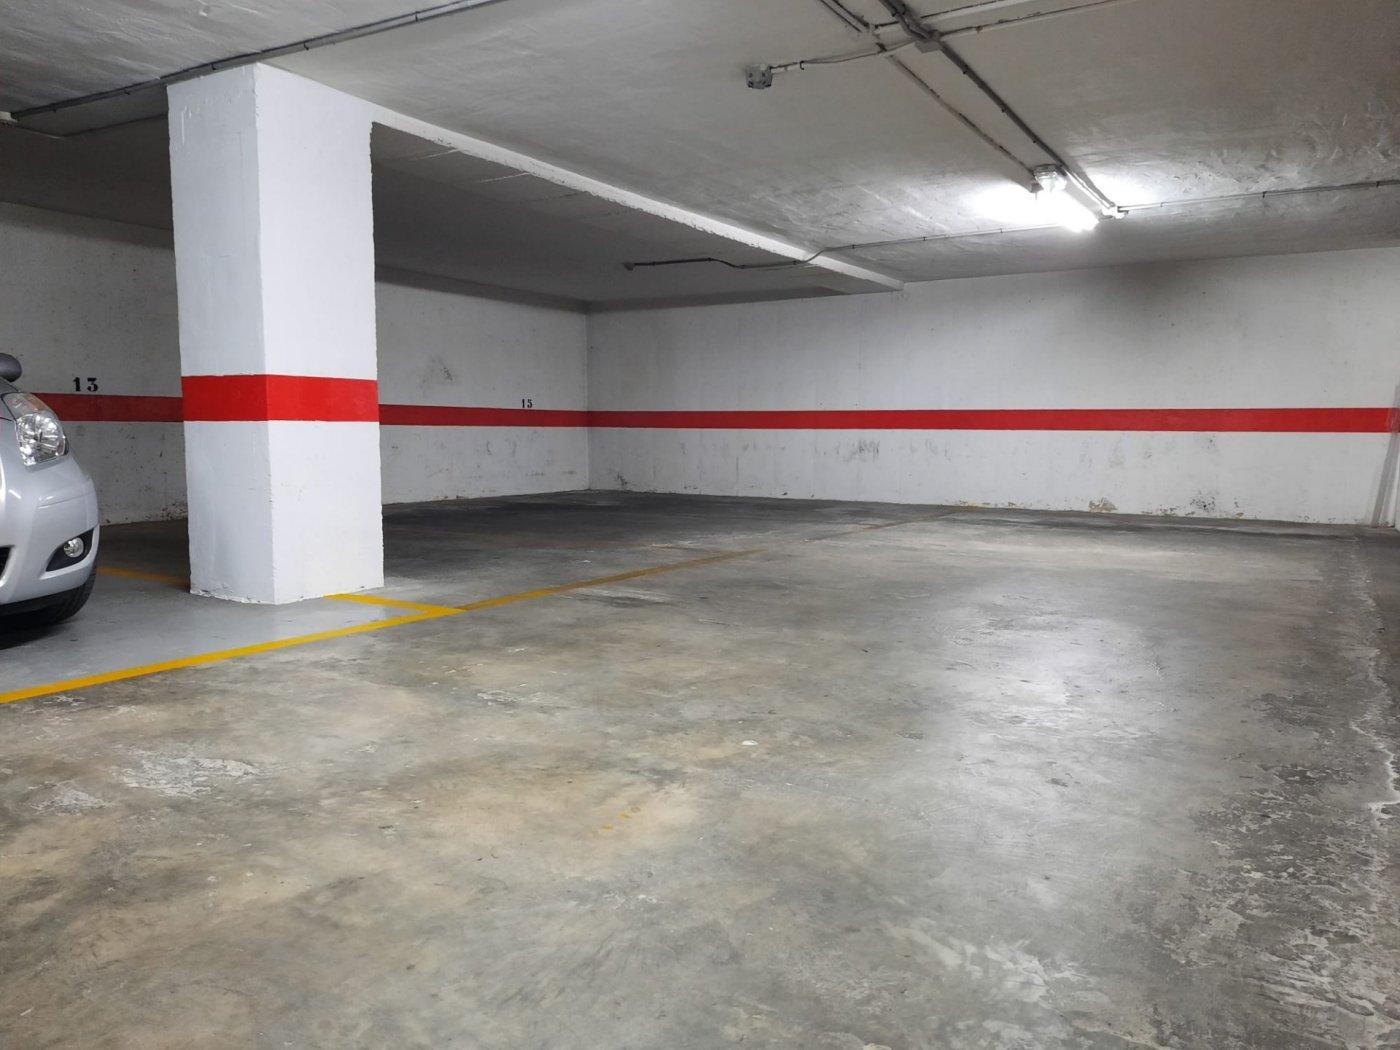 Garaje en  sotano con elevador  en plaza prado - imagenInmueble3